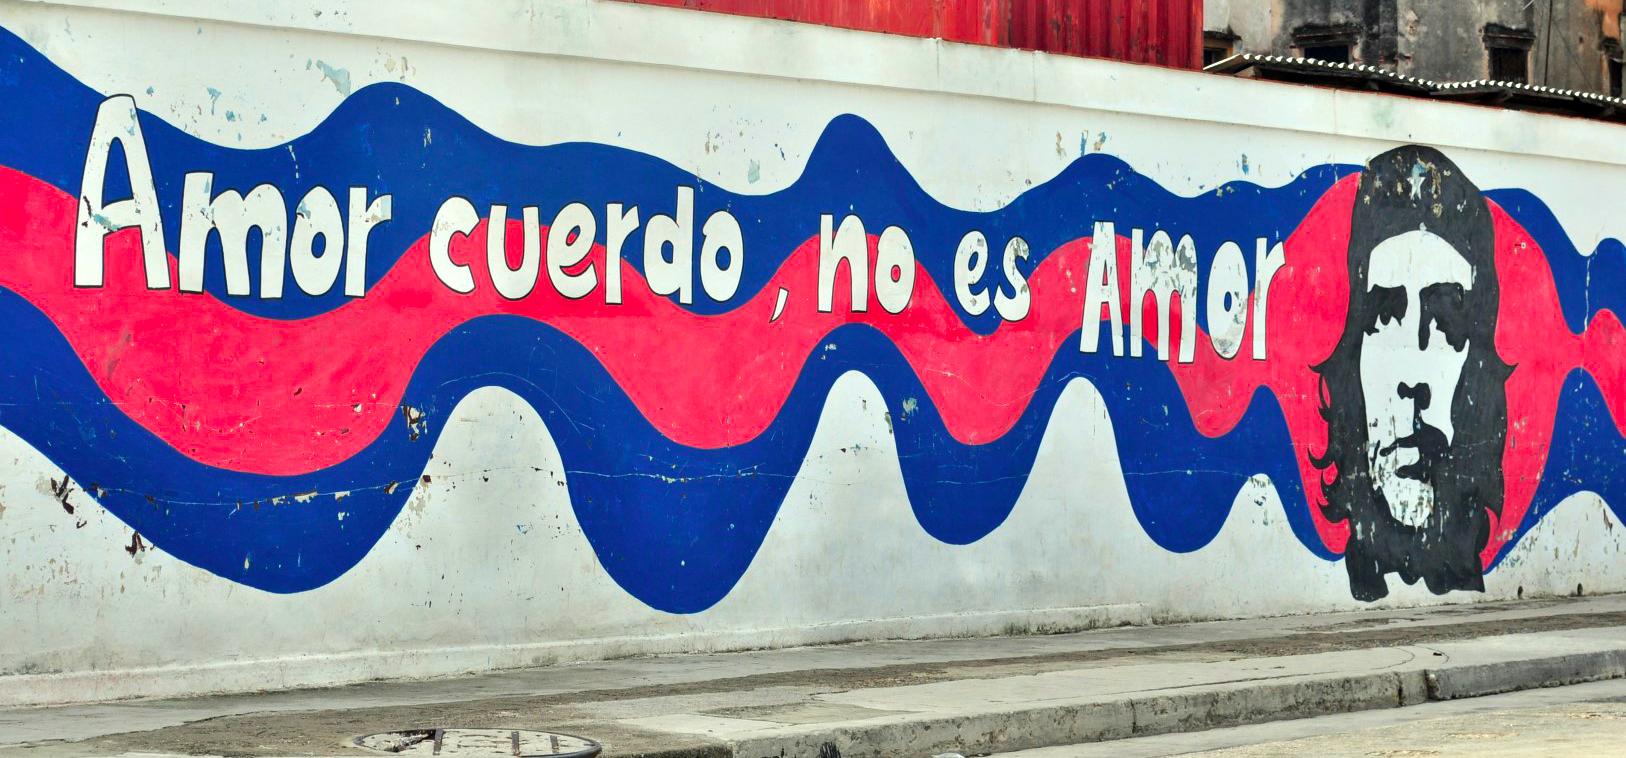 Qué ver en La Habana, Cuba qué ver en la habana, cuba - 30912738450 db7be77b76 o - Qué ver en La Habana, Cuba